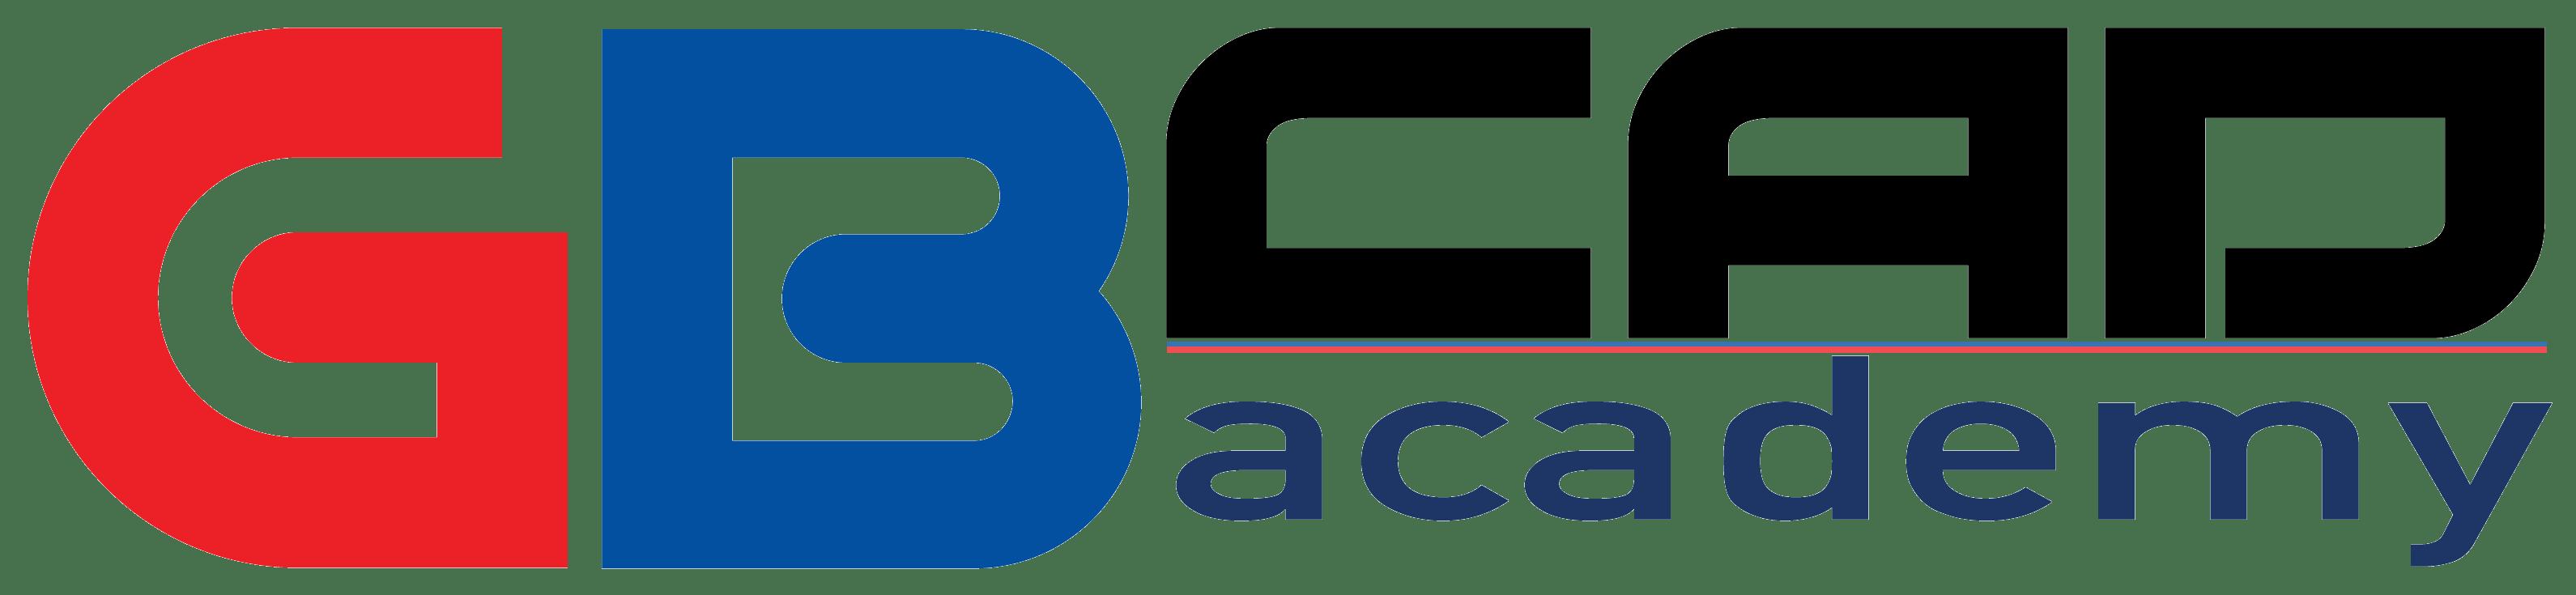 GB CAD Academy by Greenbridge | Uganda